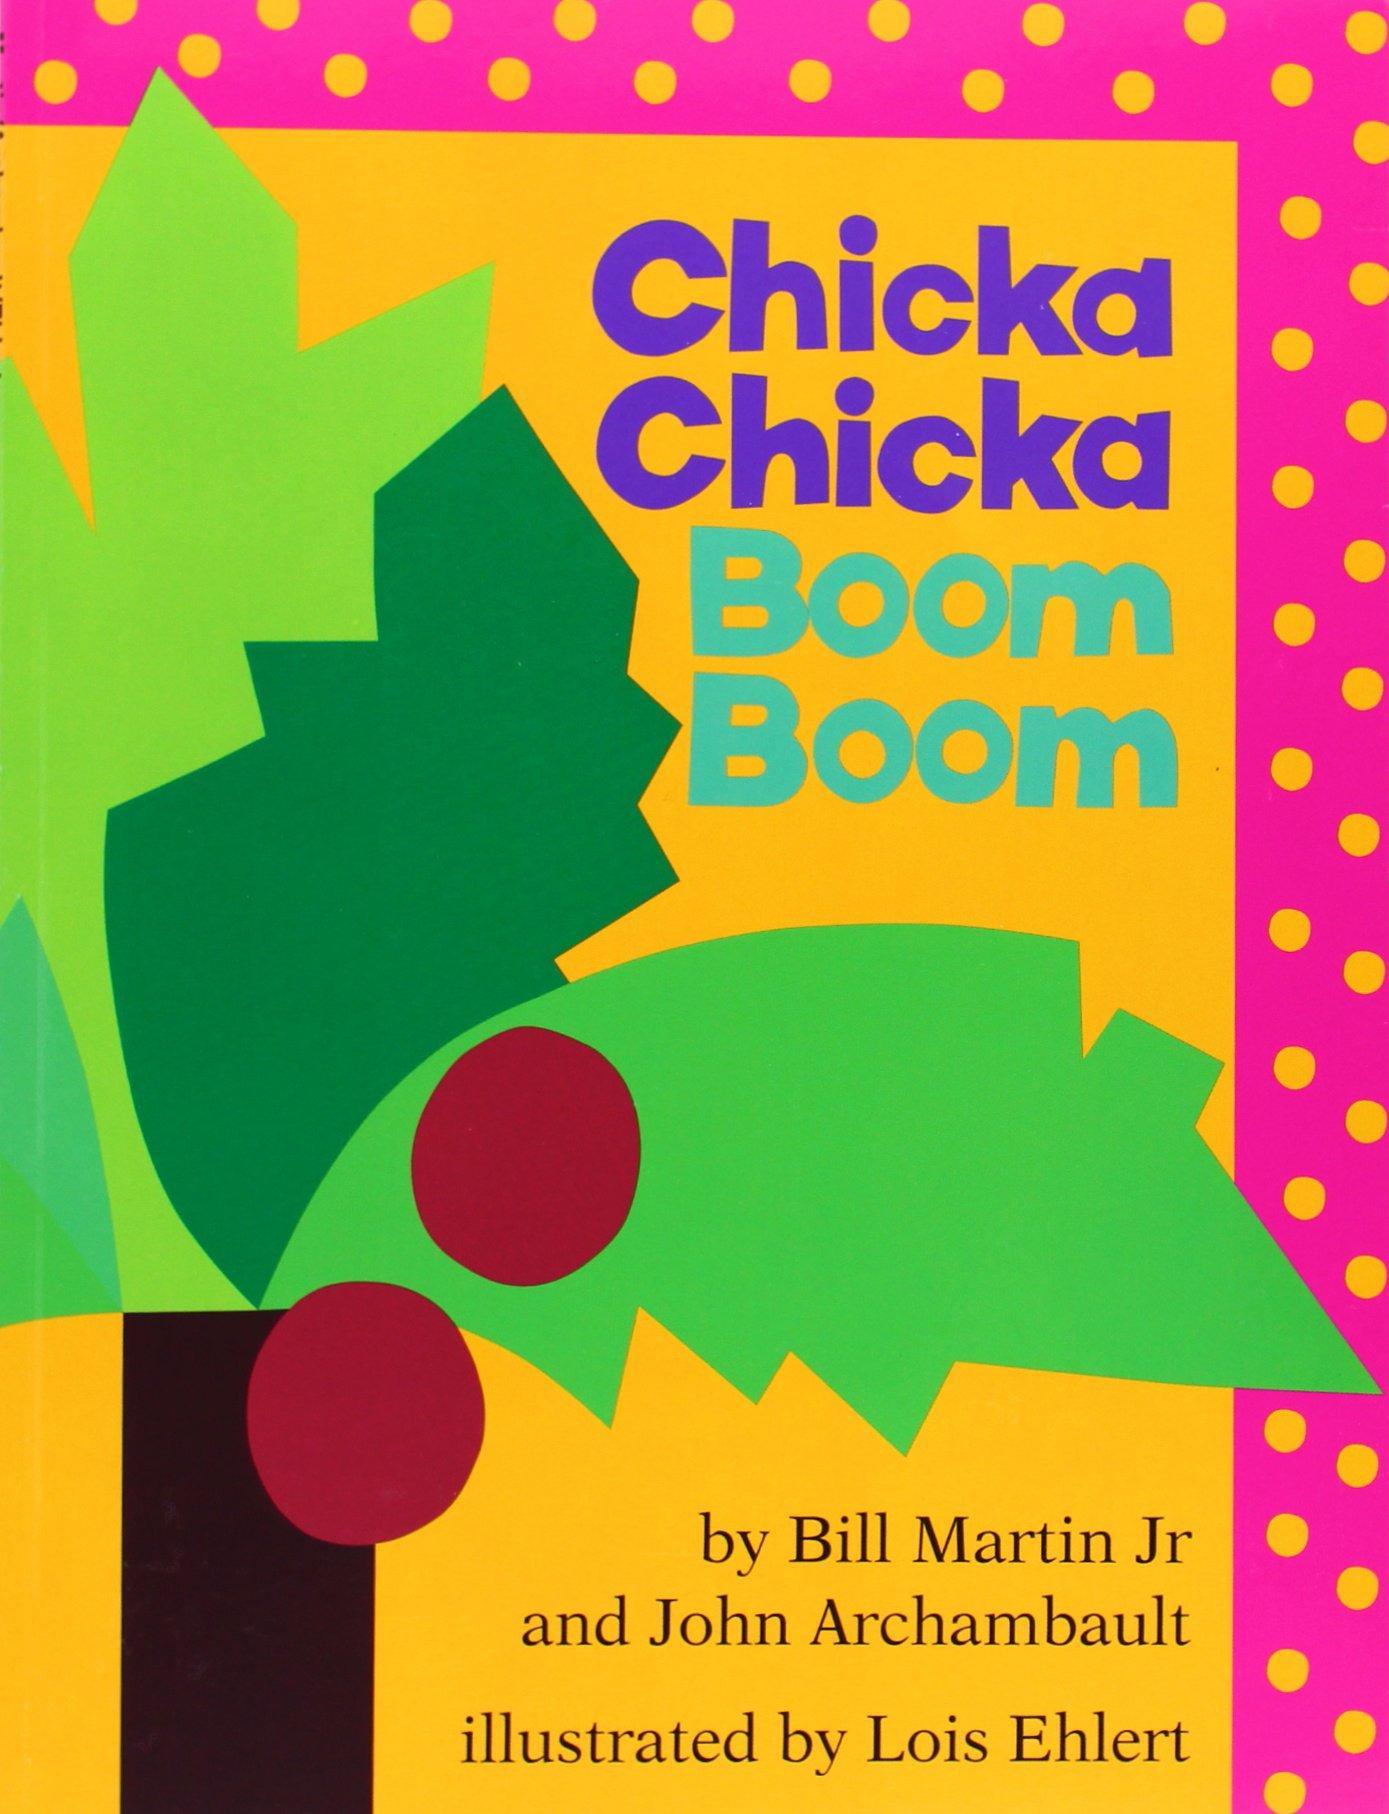 Chicka Chicka Boom Boom   Autor: Bill Martin Jr. y John Archambault  Este libro es perfecto para aprender y practicar el alfabeto. A través de rimas, las letras van subiendo a la palmera poco a poco… pero ¡son demasiadas! Y al final, todas caen otra vez.  Para todos aquellos niños que empiezan a aprender las letras, ¡Seguramente se convertirá en un favorito de tu casa!